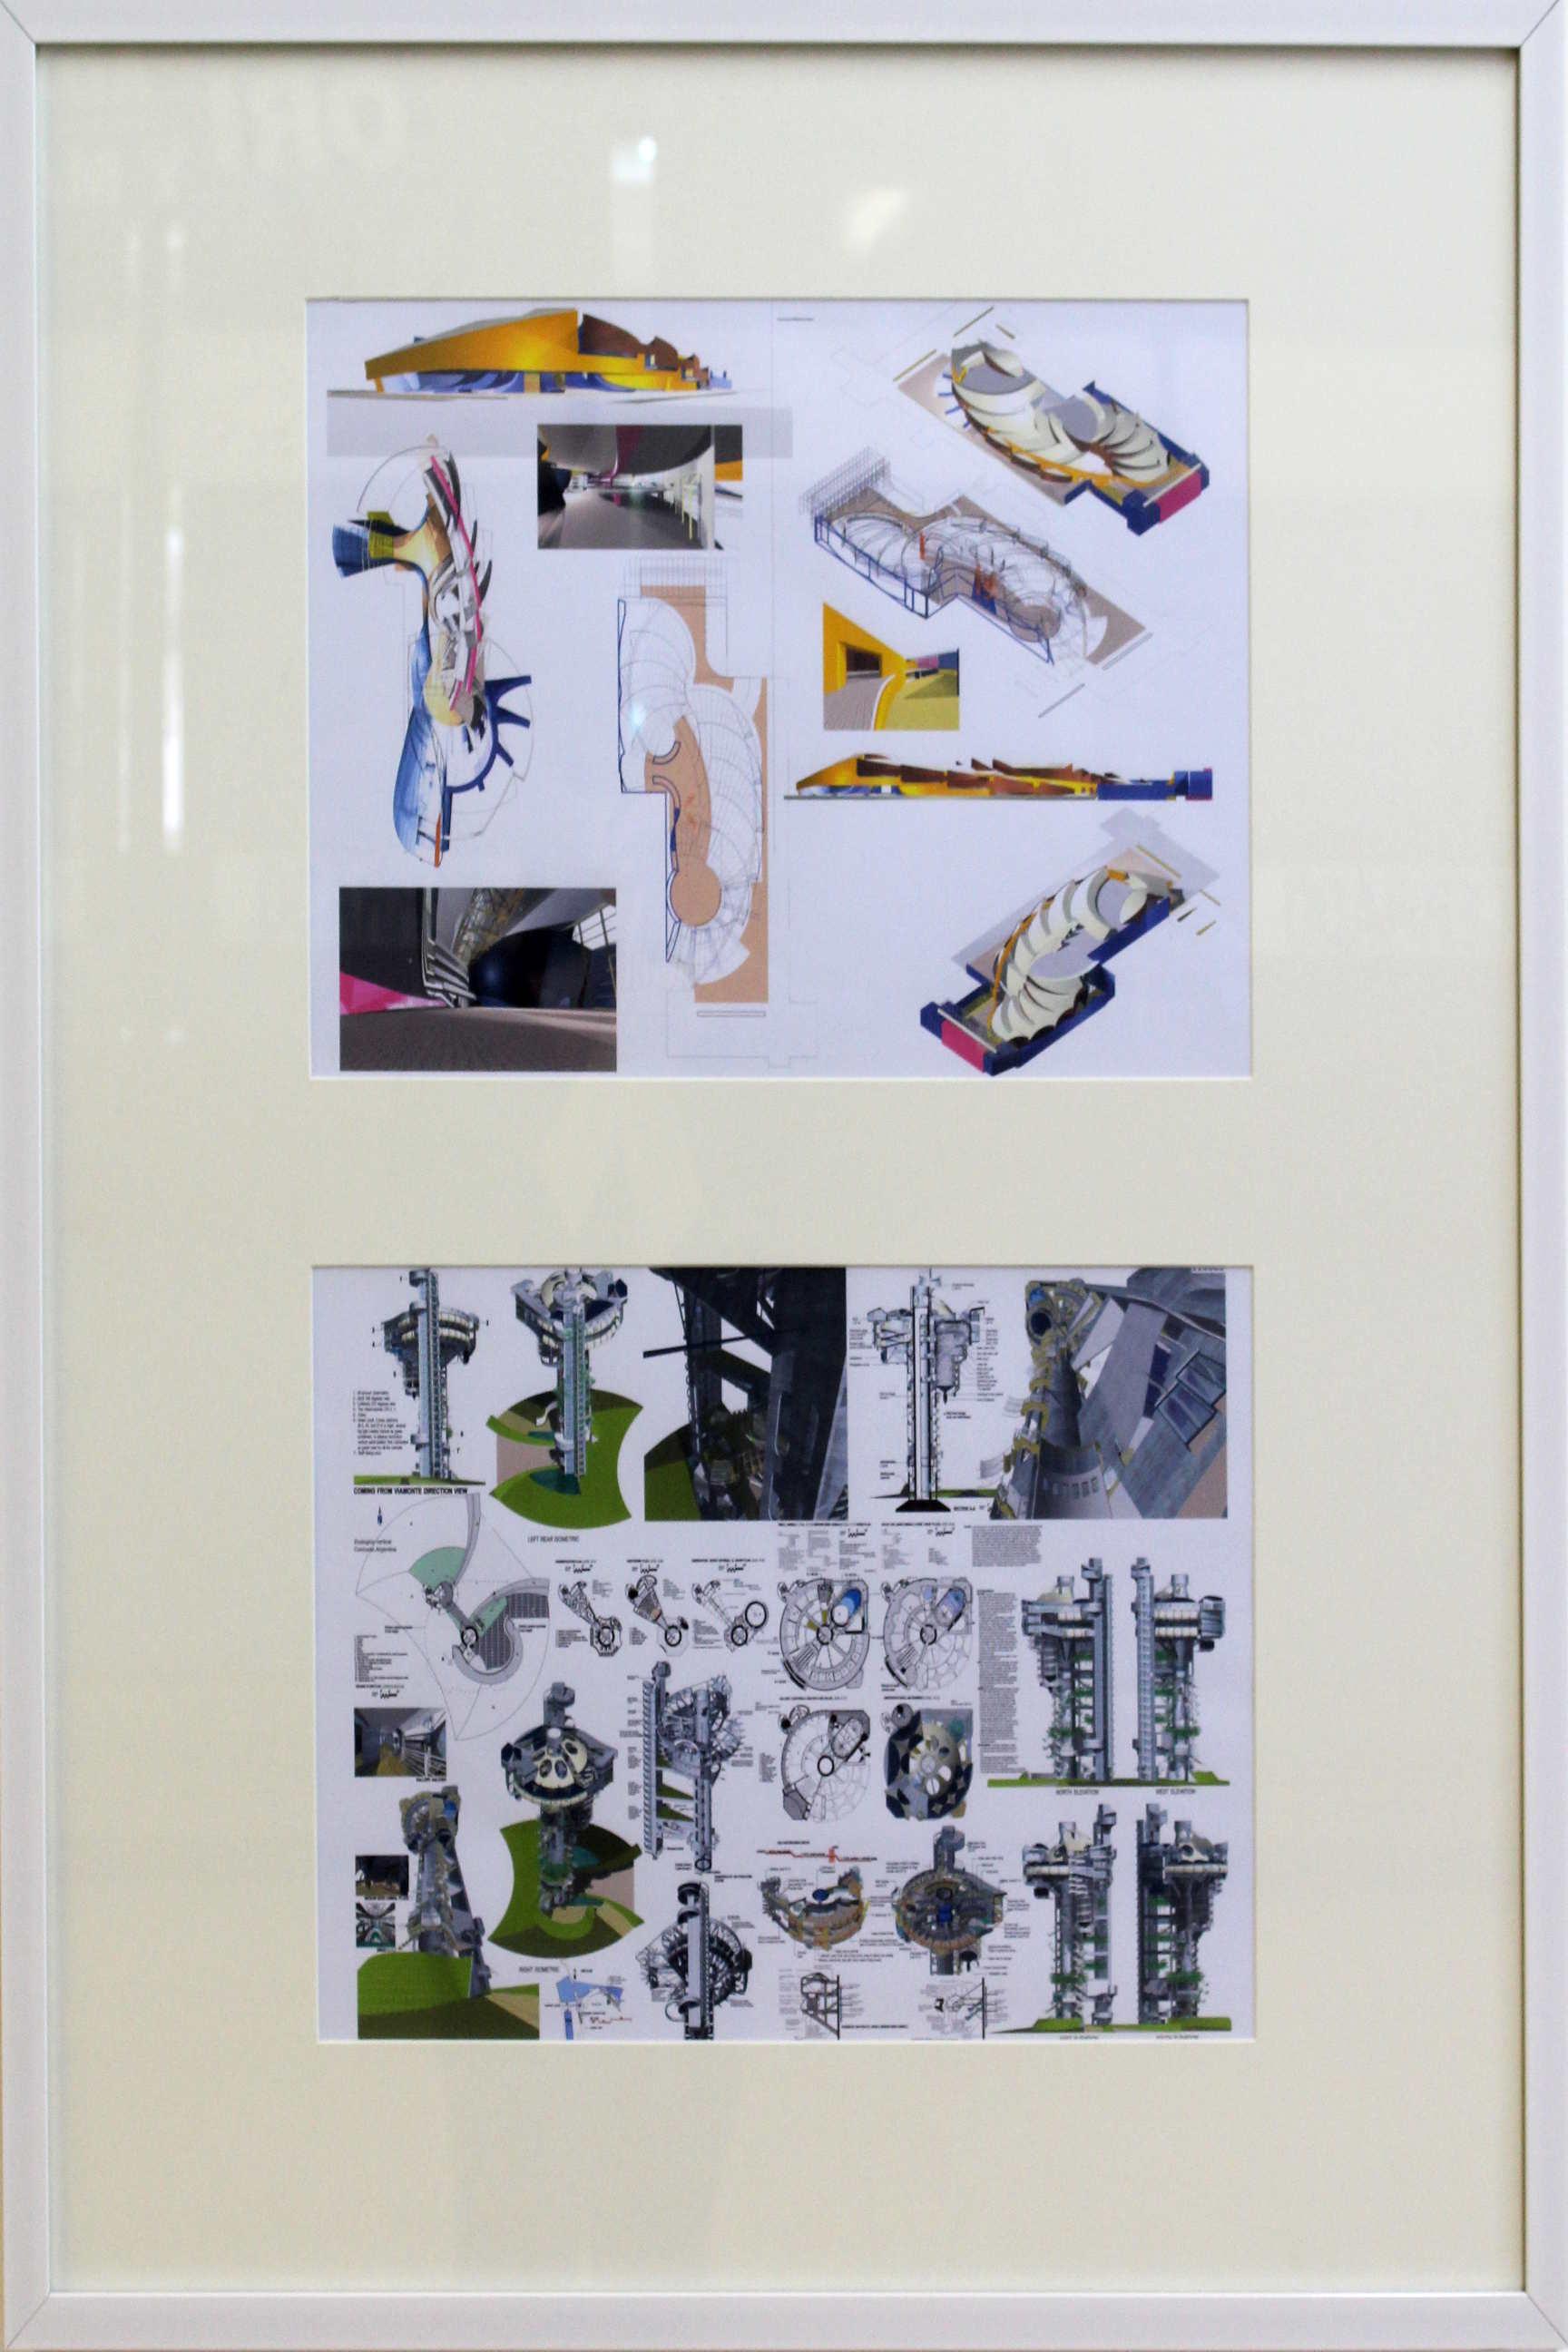 """Obra de Jorge Bertheau Odio, llamada """"Apunte pre concurso para la Biblioteca de México D.F, técnica utilizada Vector Works 8 -computadora. Fotografía: Adriana Araya."""